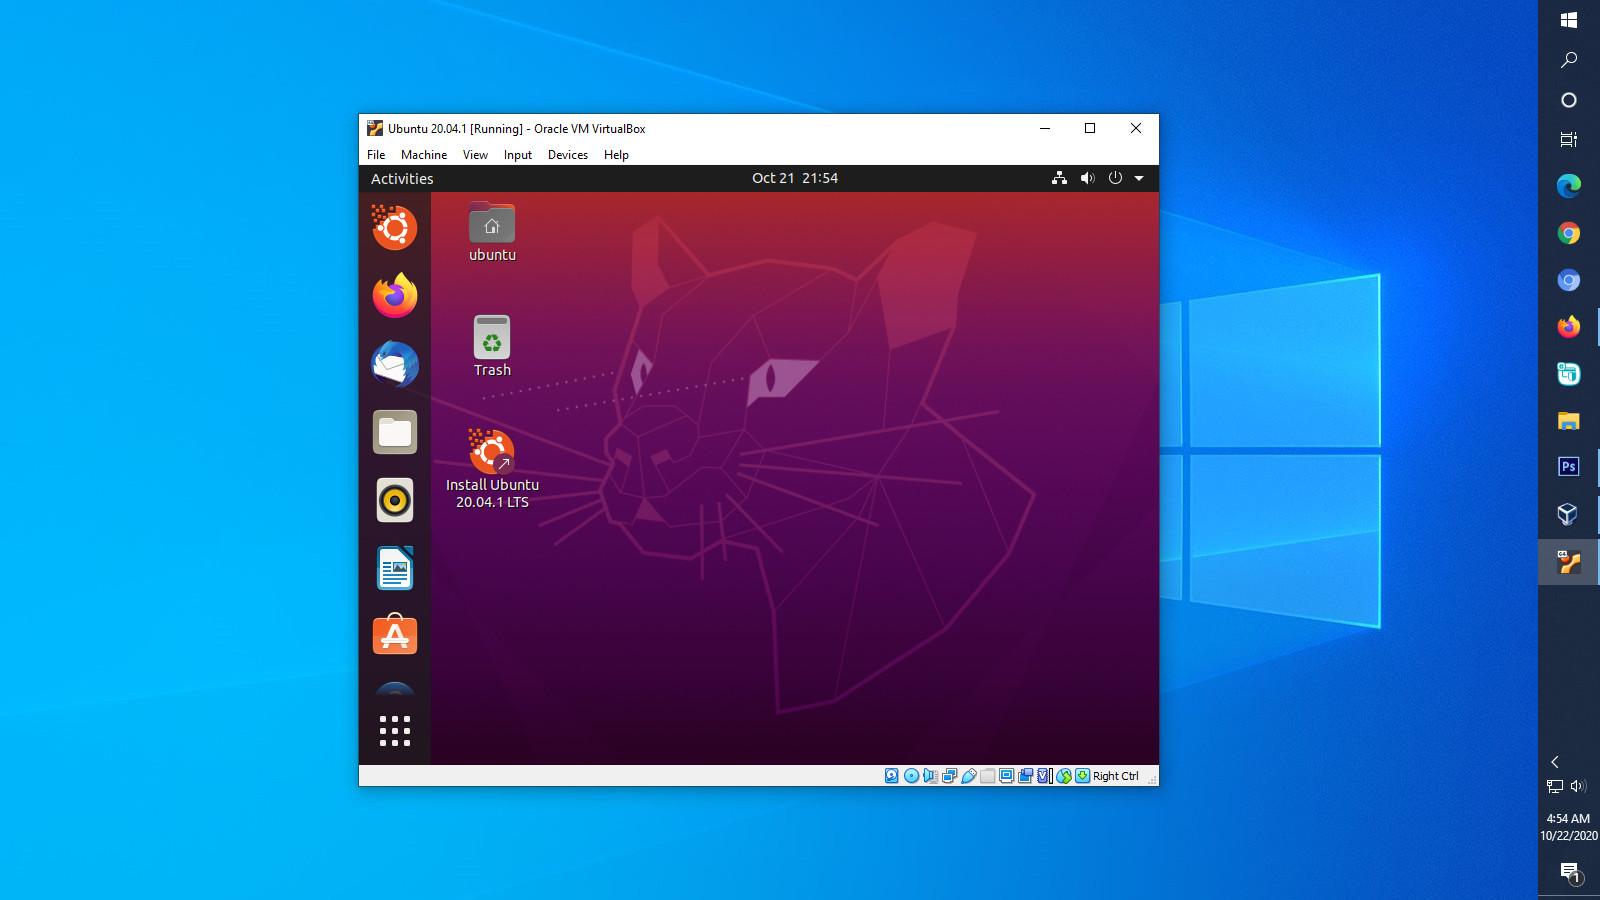 Memperbesar Resolusi Layar Ubuntu di VirtualBox